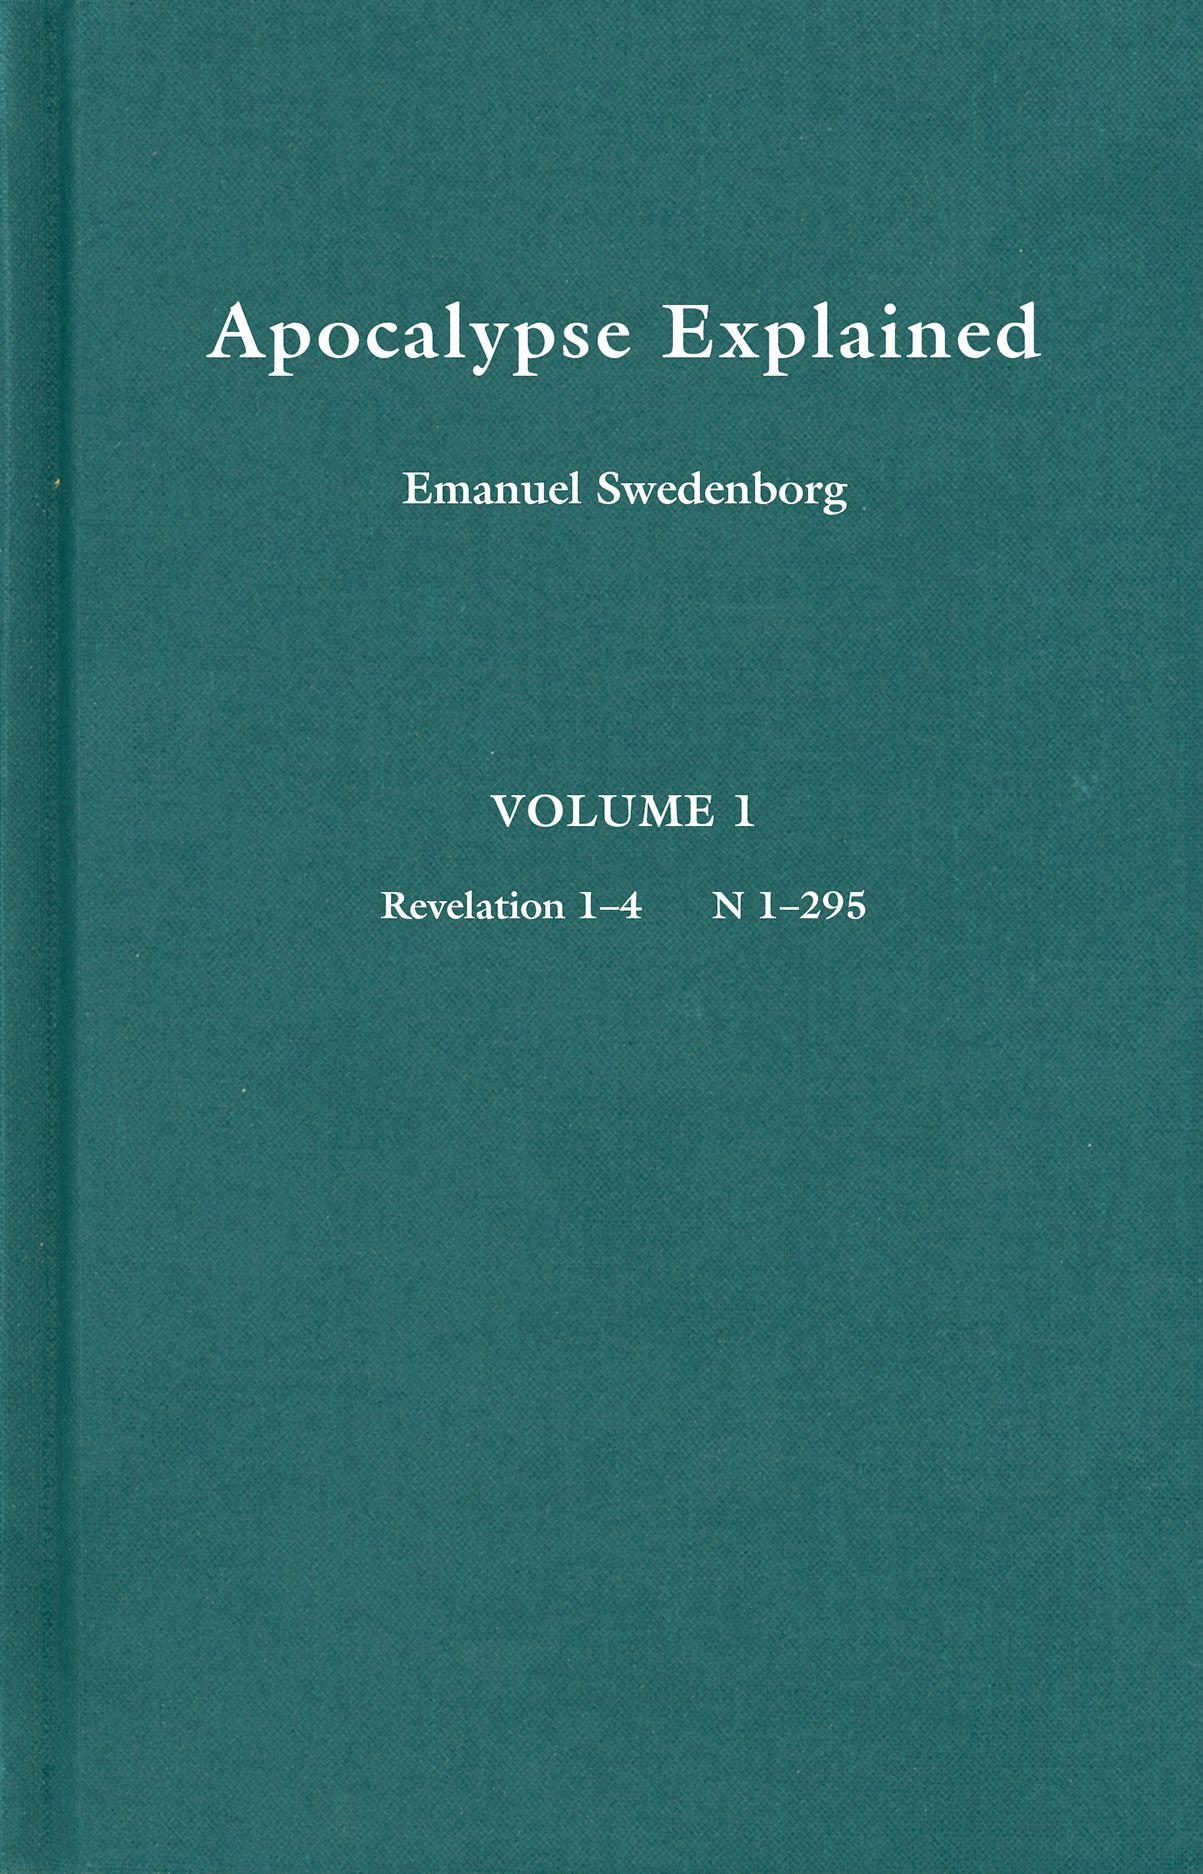 APOCALYPSE EXPLAINED 1